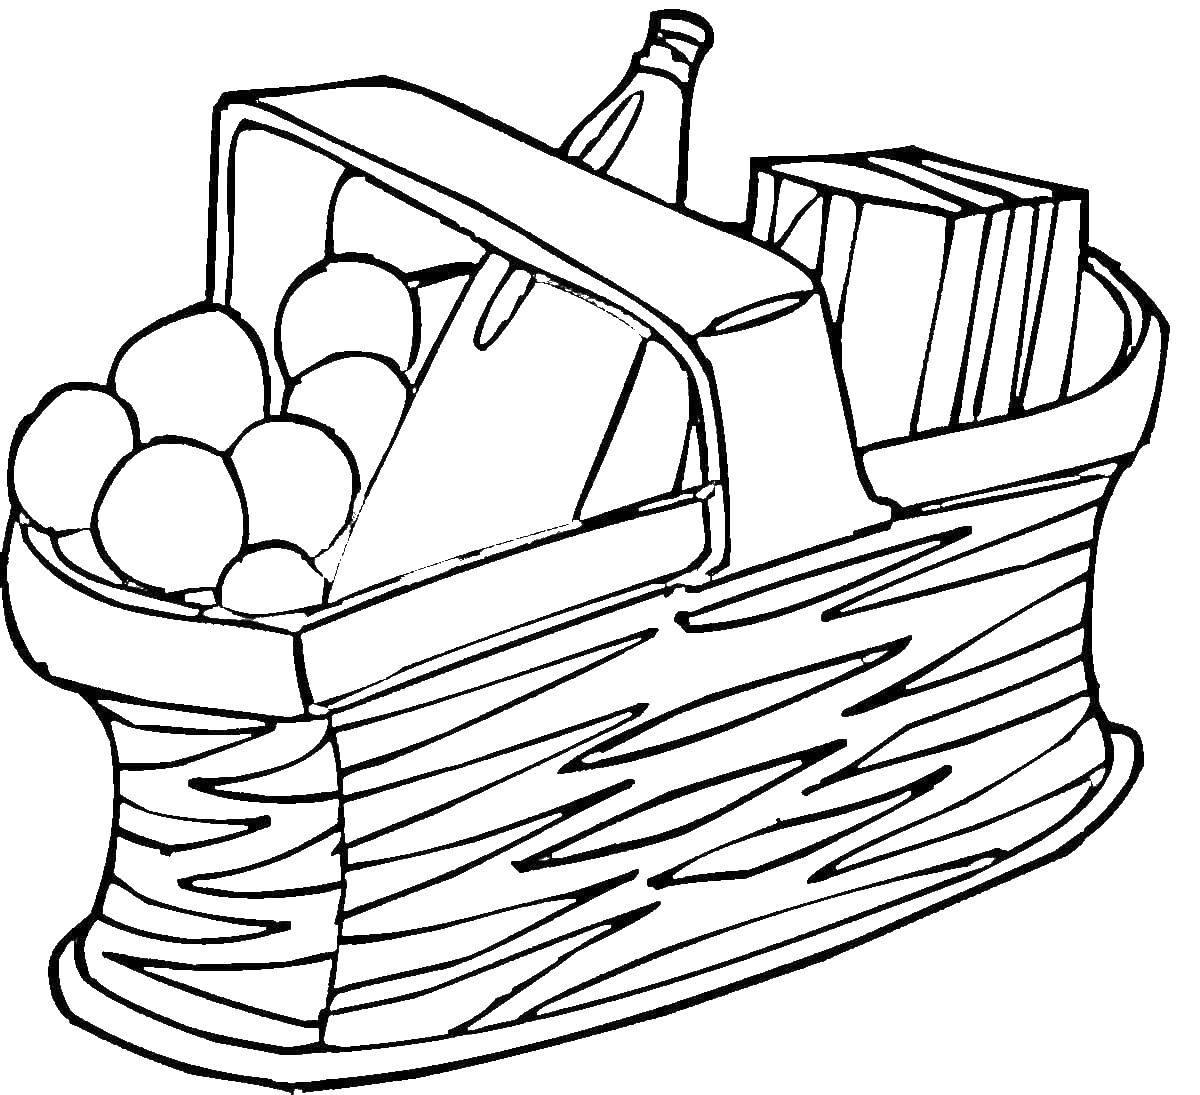 Раскраска Корзина с едой для пикника Скачать еда, корзина.  Распечатать ,Еда,